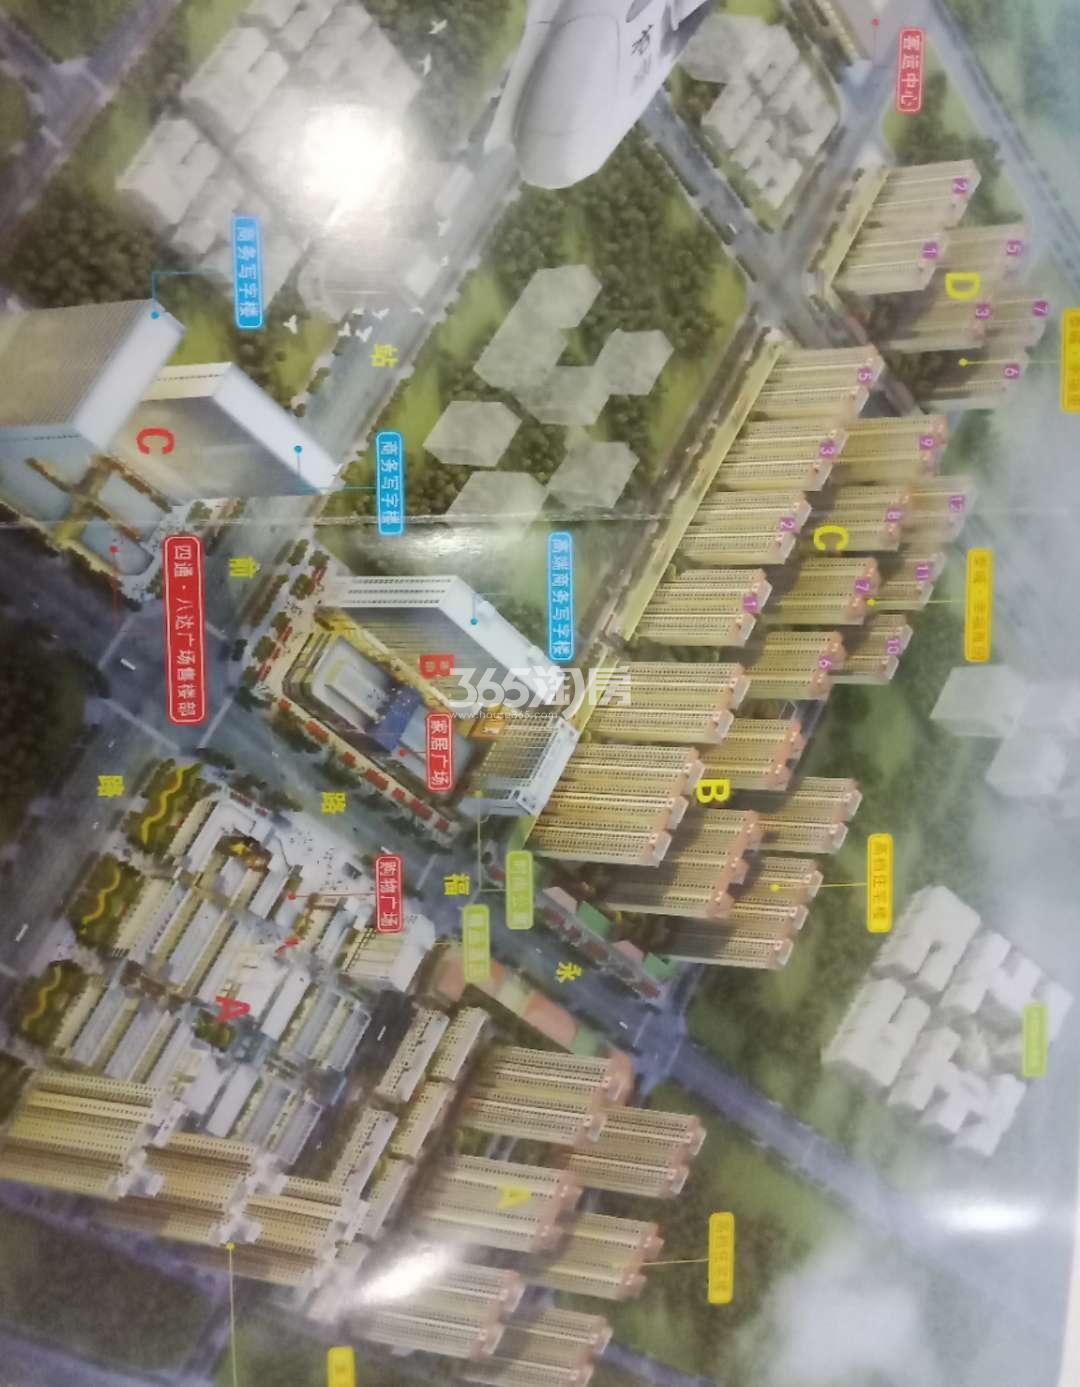 四通八达国际广场鸟瞰图